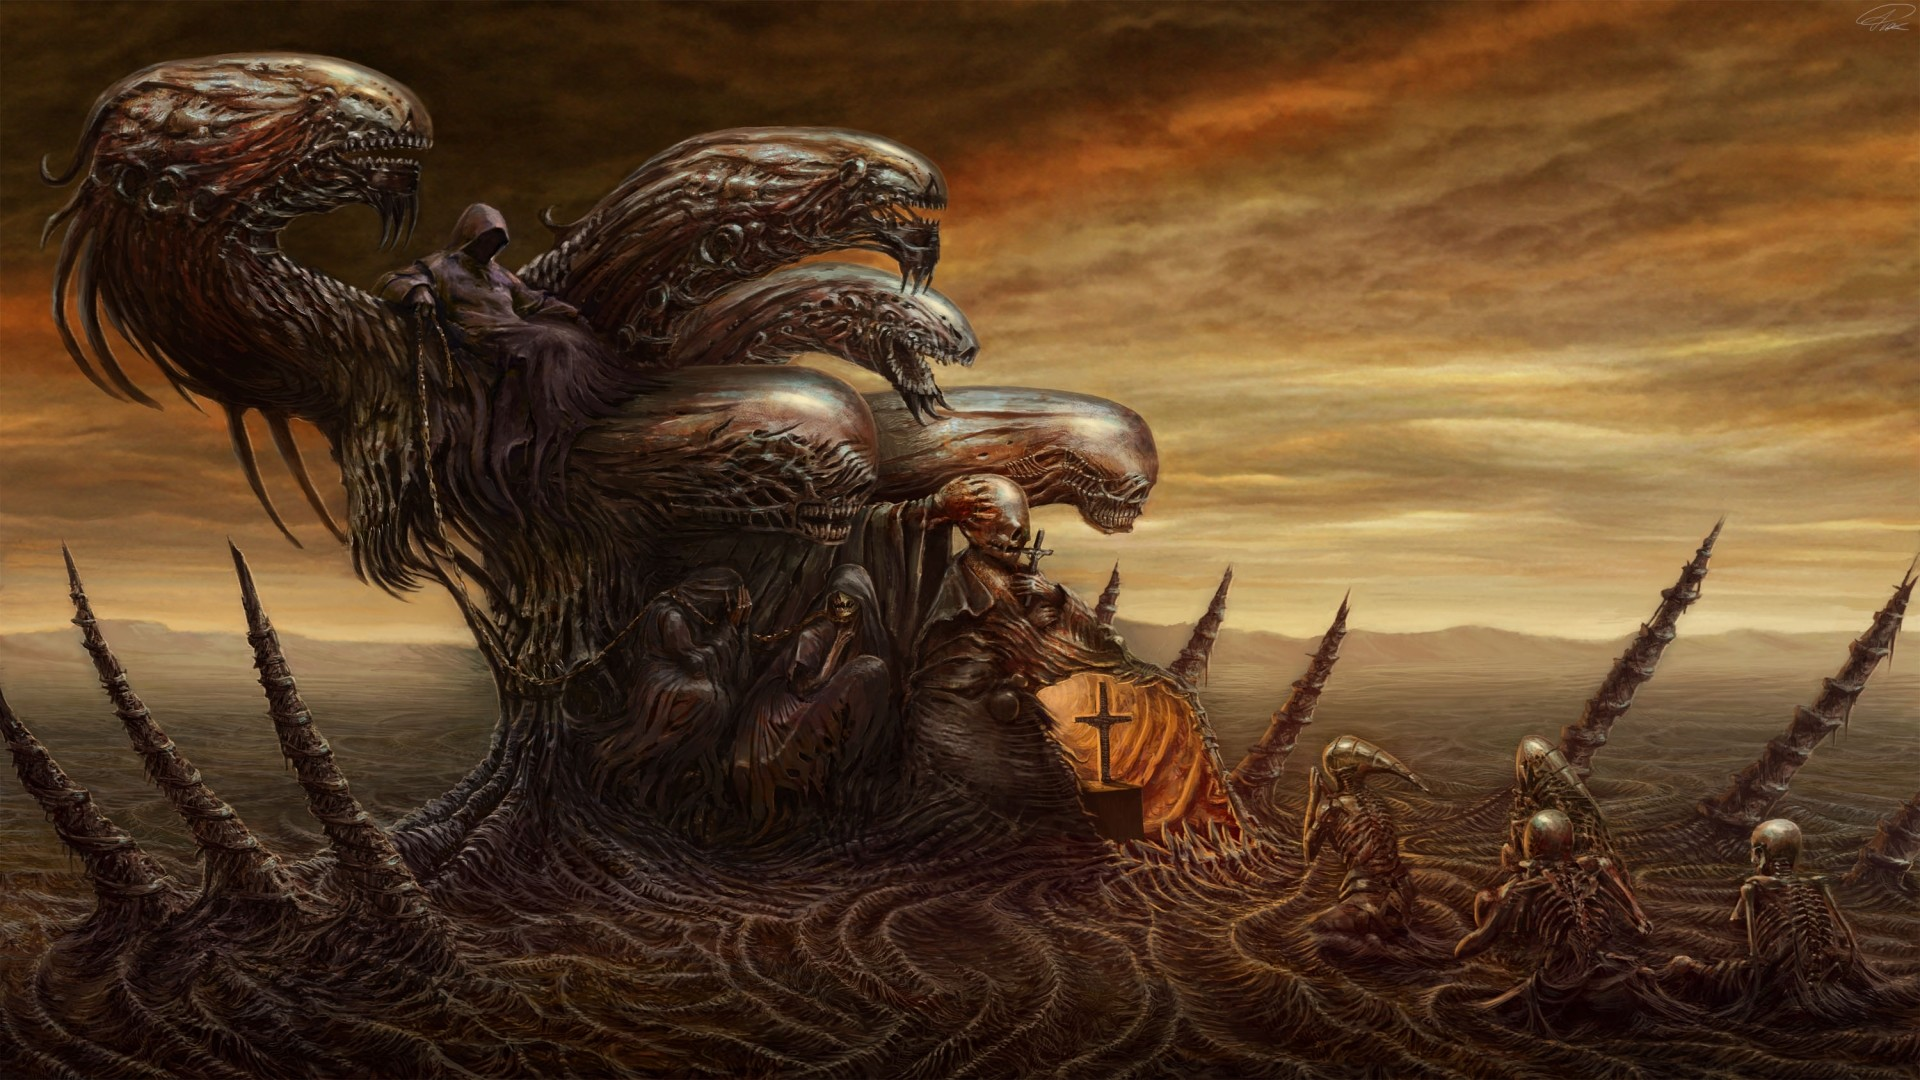 dark evil horror art skull demon monster creature sci fi wallpaper .